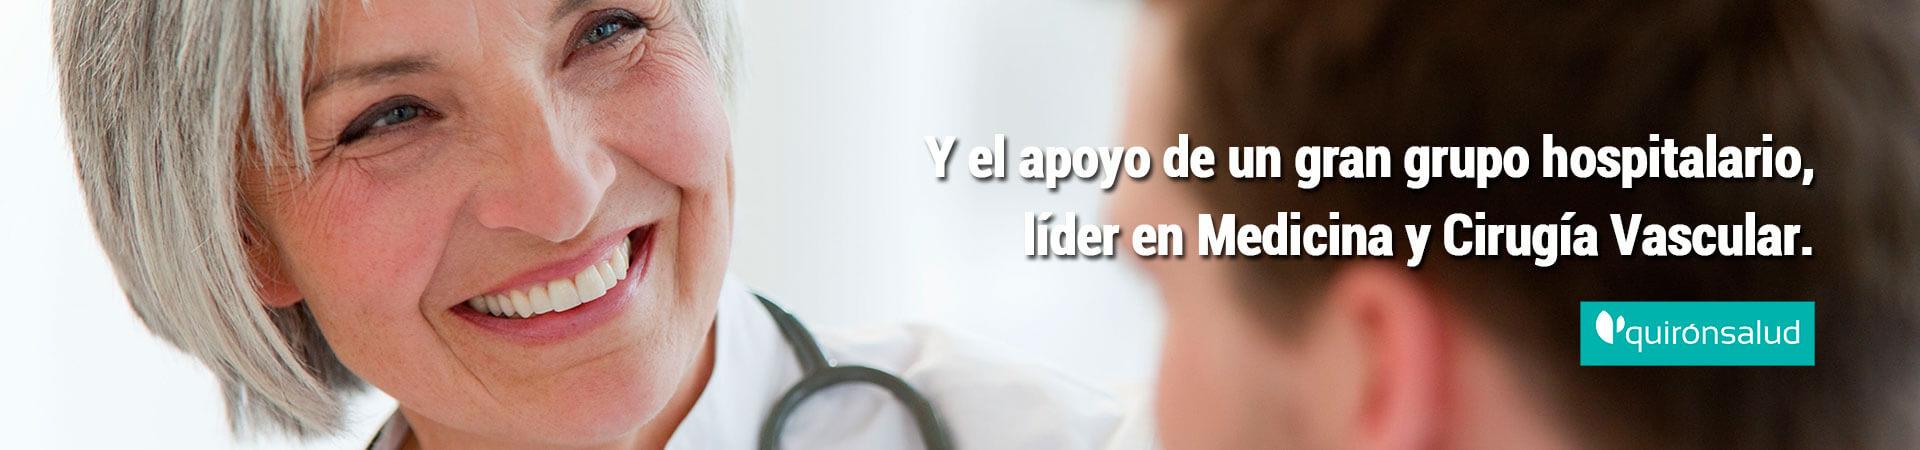 slide_quiron_salud_apoyo